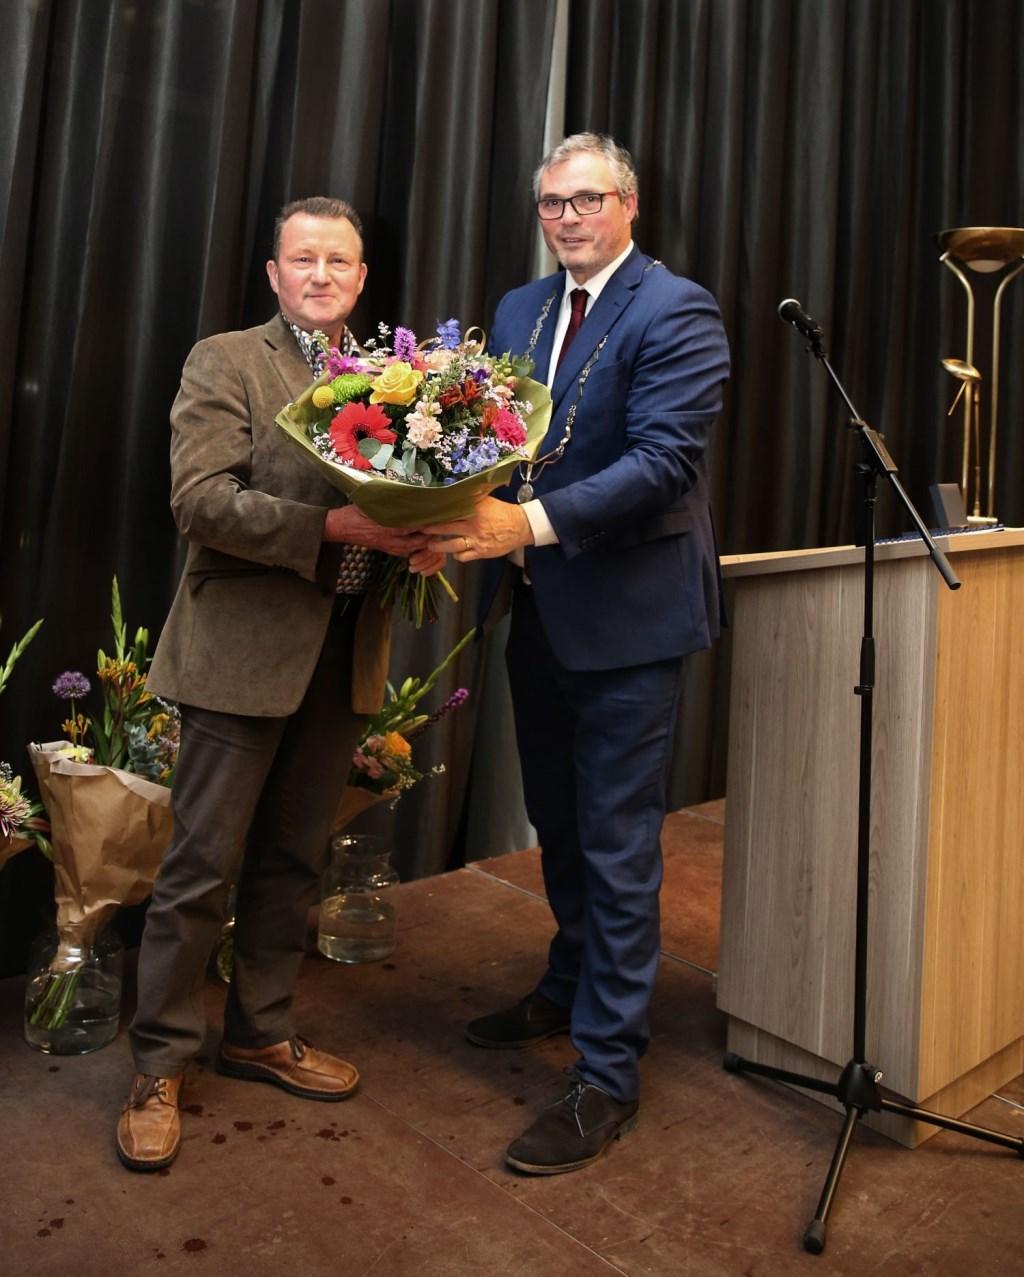 Dirk van den Berg uit Ochten en burgemeester Jan Kottelenberg van Neder-Betuwe (foto: 3JetFotografie)